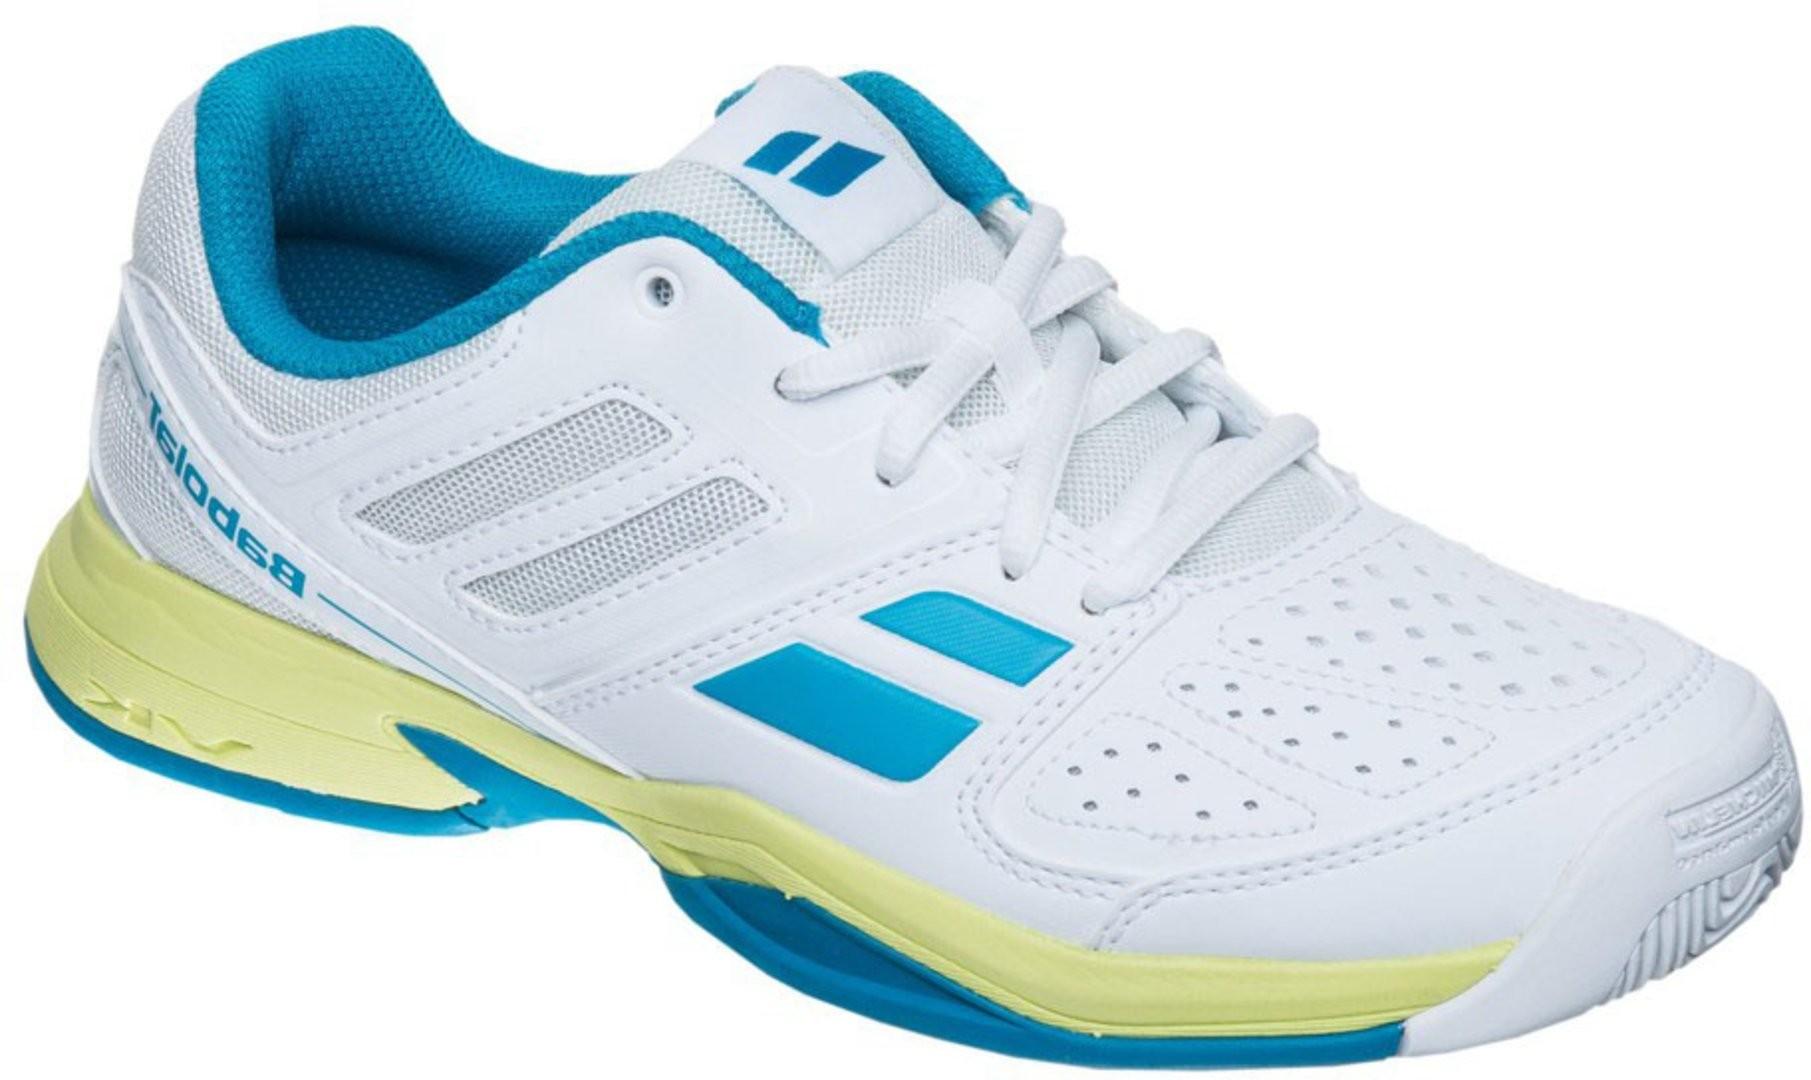 Buty tenisowe Babolat Pulsion Junior White - Wyprzedaż!